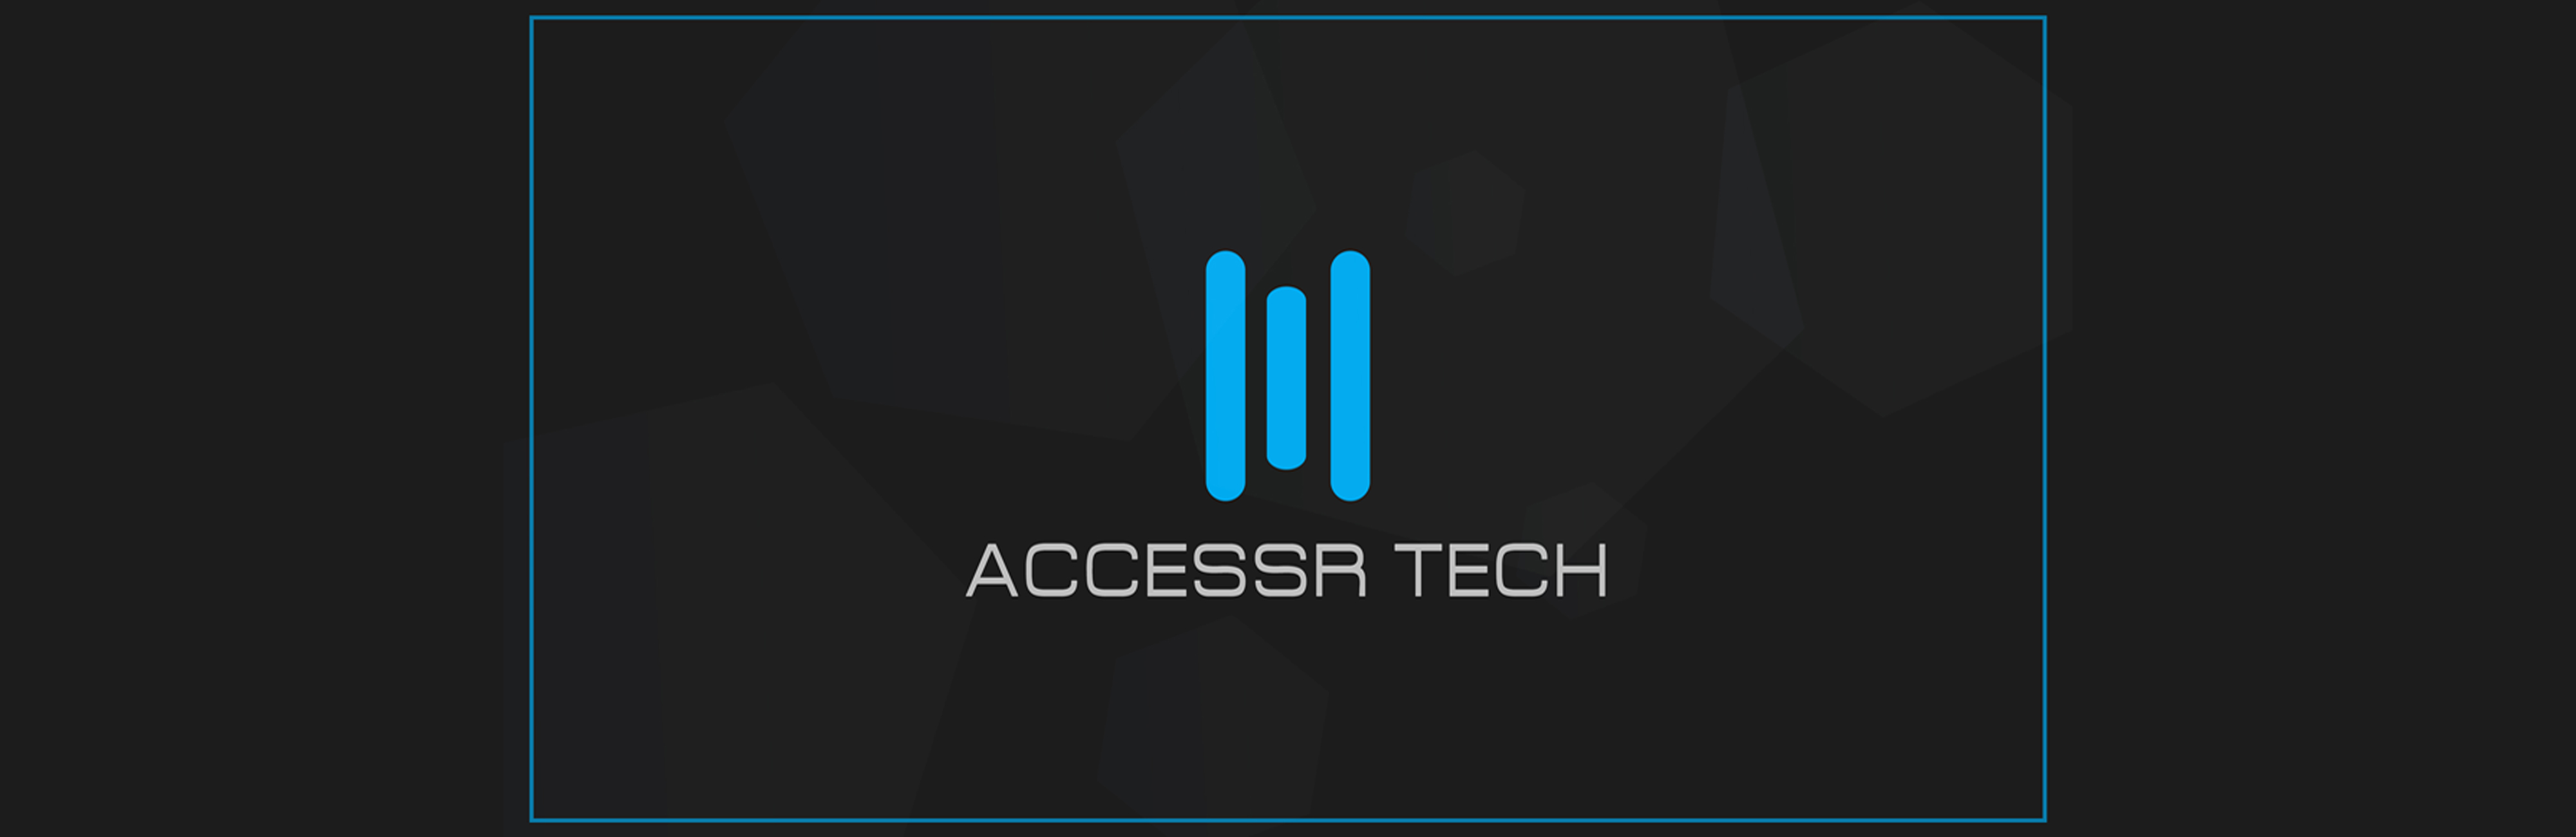 accessr1